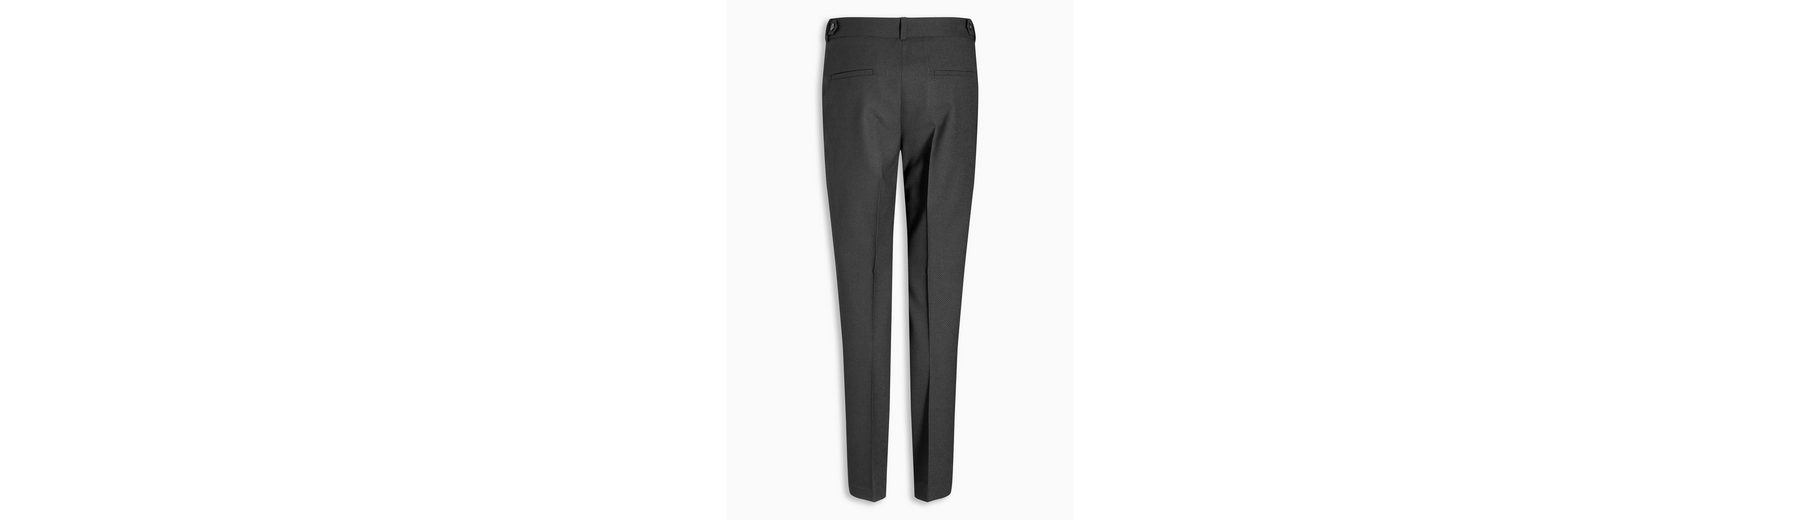 Next Slim-Fit Hose mit Struktur, schwarz